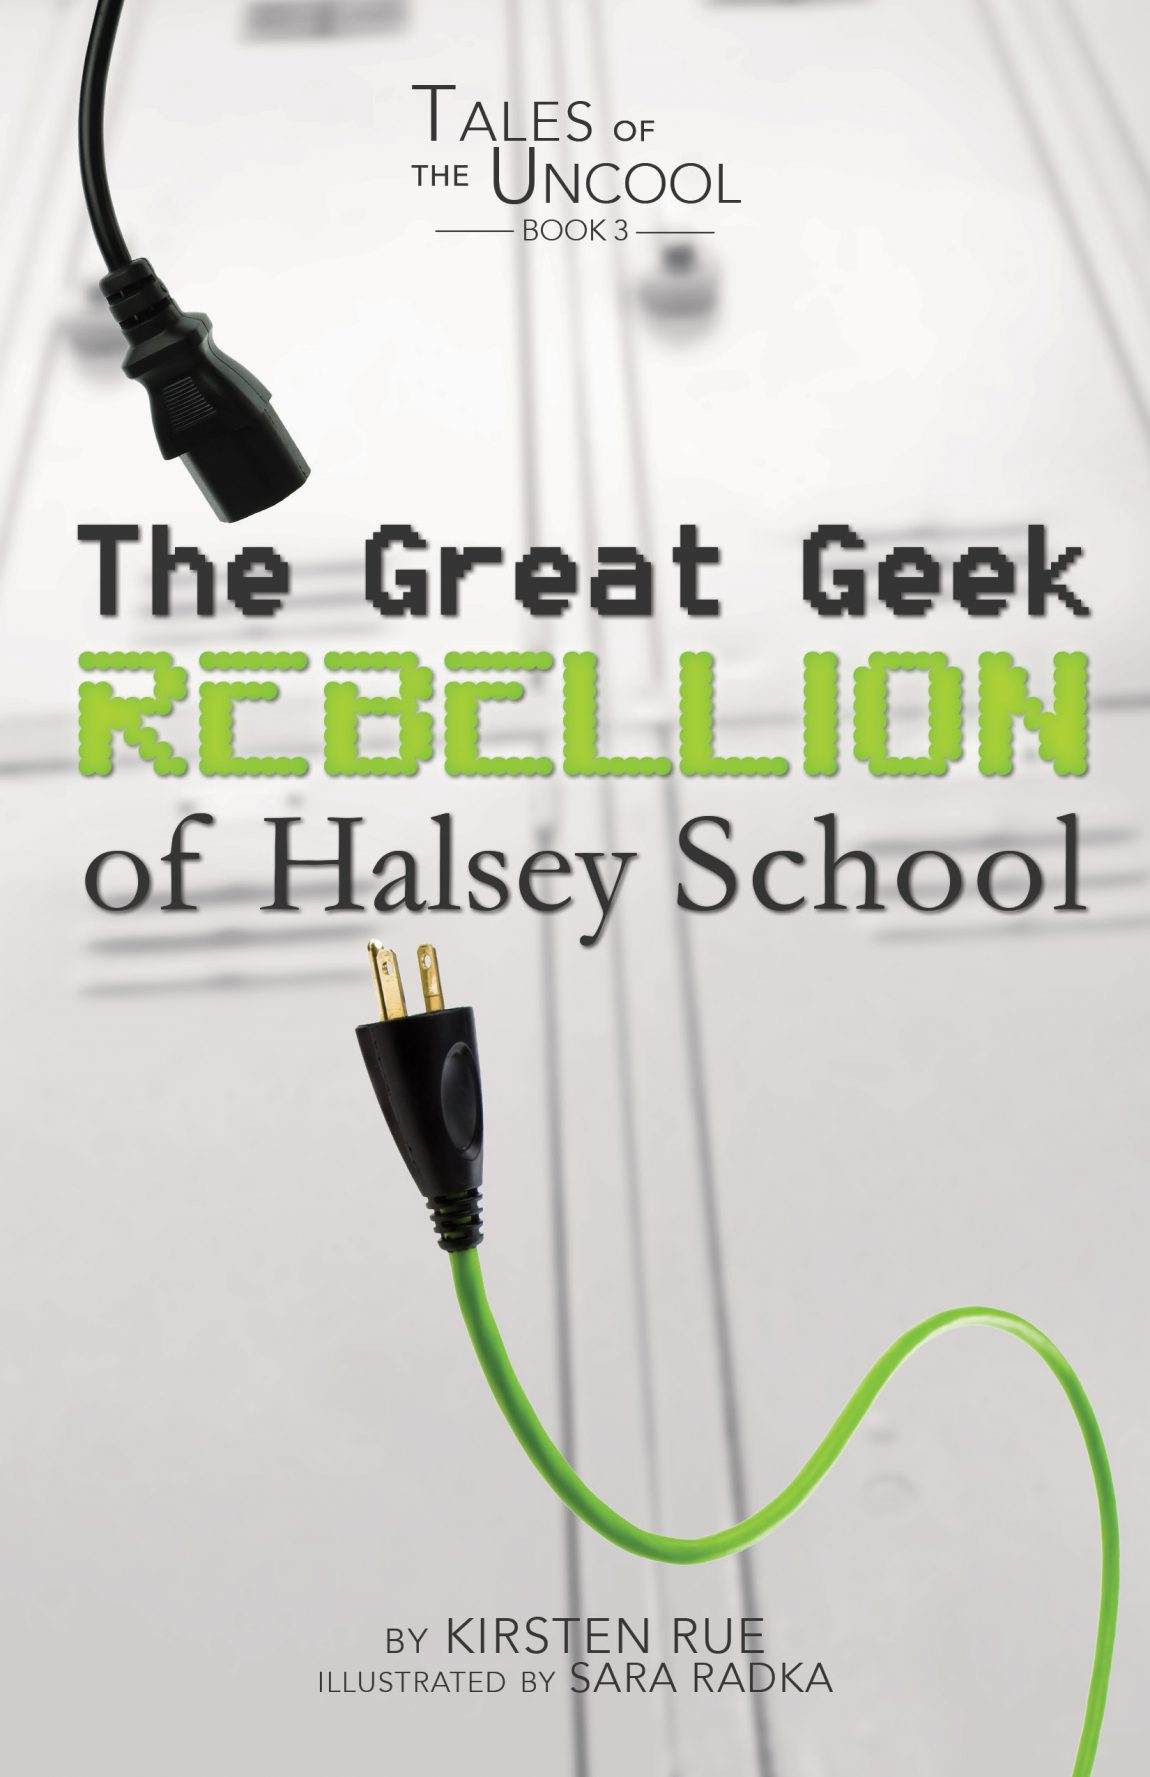 The-Great-Geek-Rebellion-of-Halsey-School-1.jpg